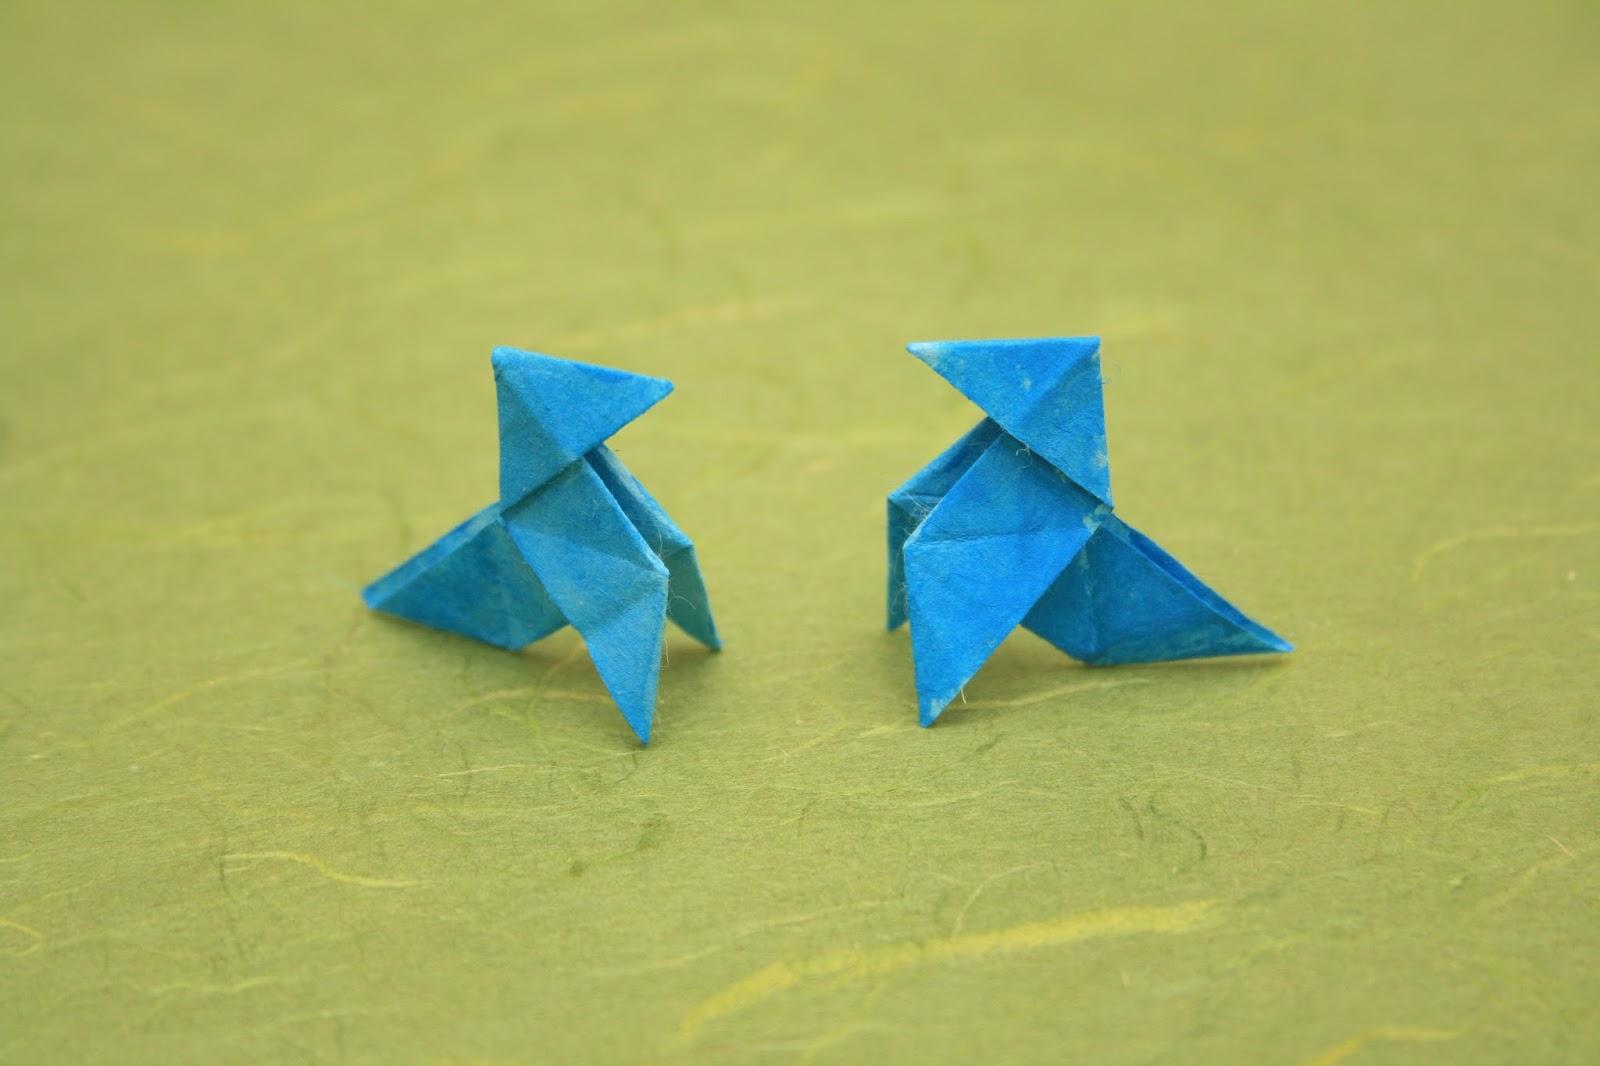 El origami de Picaruelo: LA ARPISTA